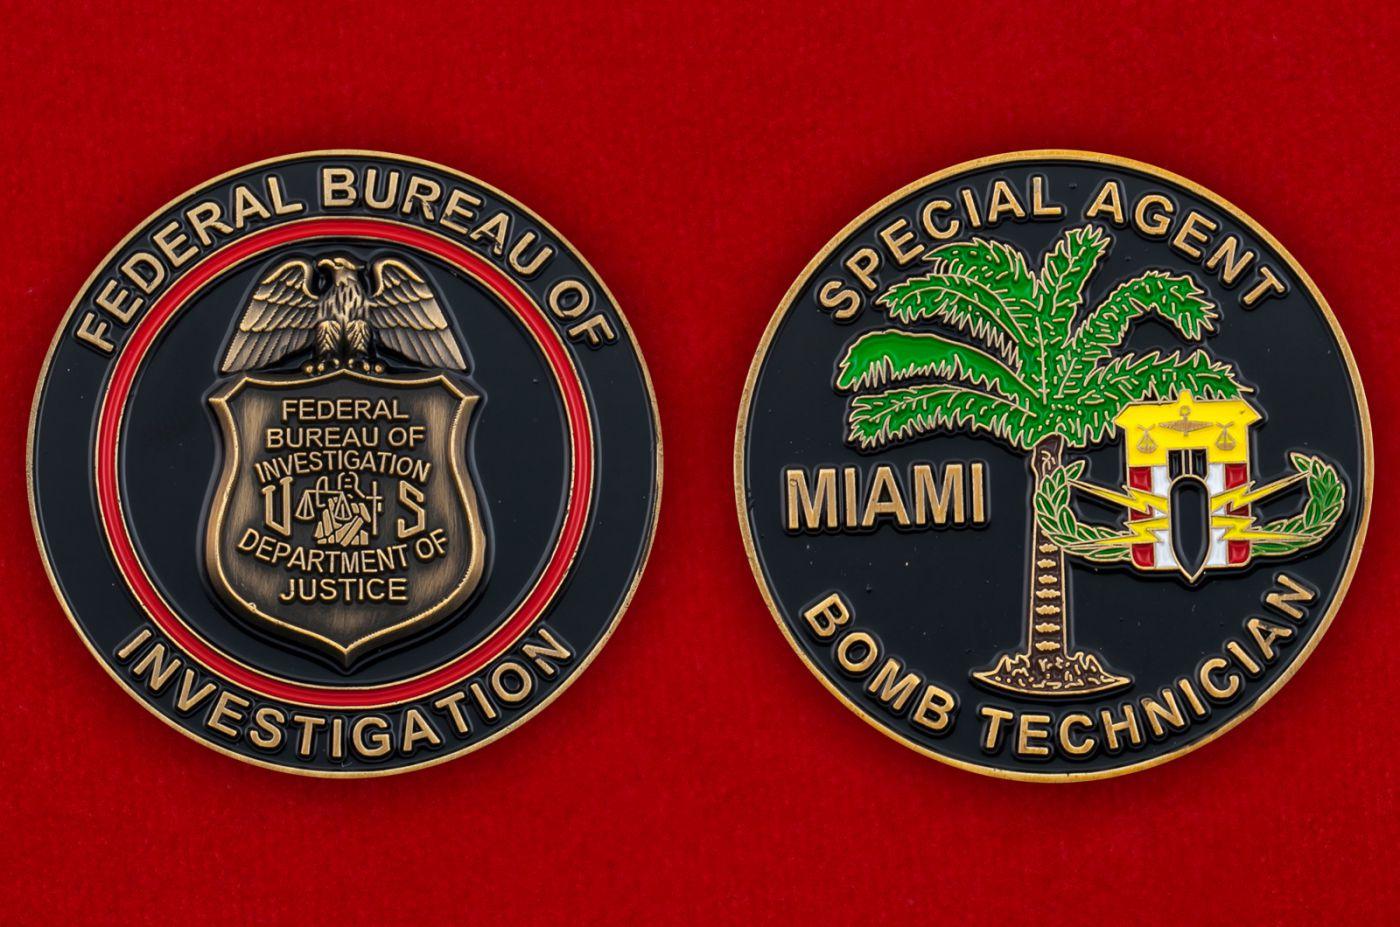 Челлендж коин спецагента по обезвреживаню взрывоопасных веществ отделения ФБР в Майами - аверс и реверс